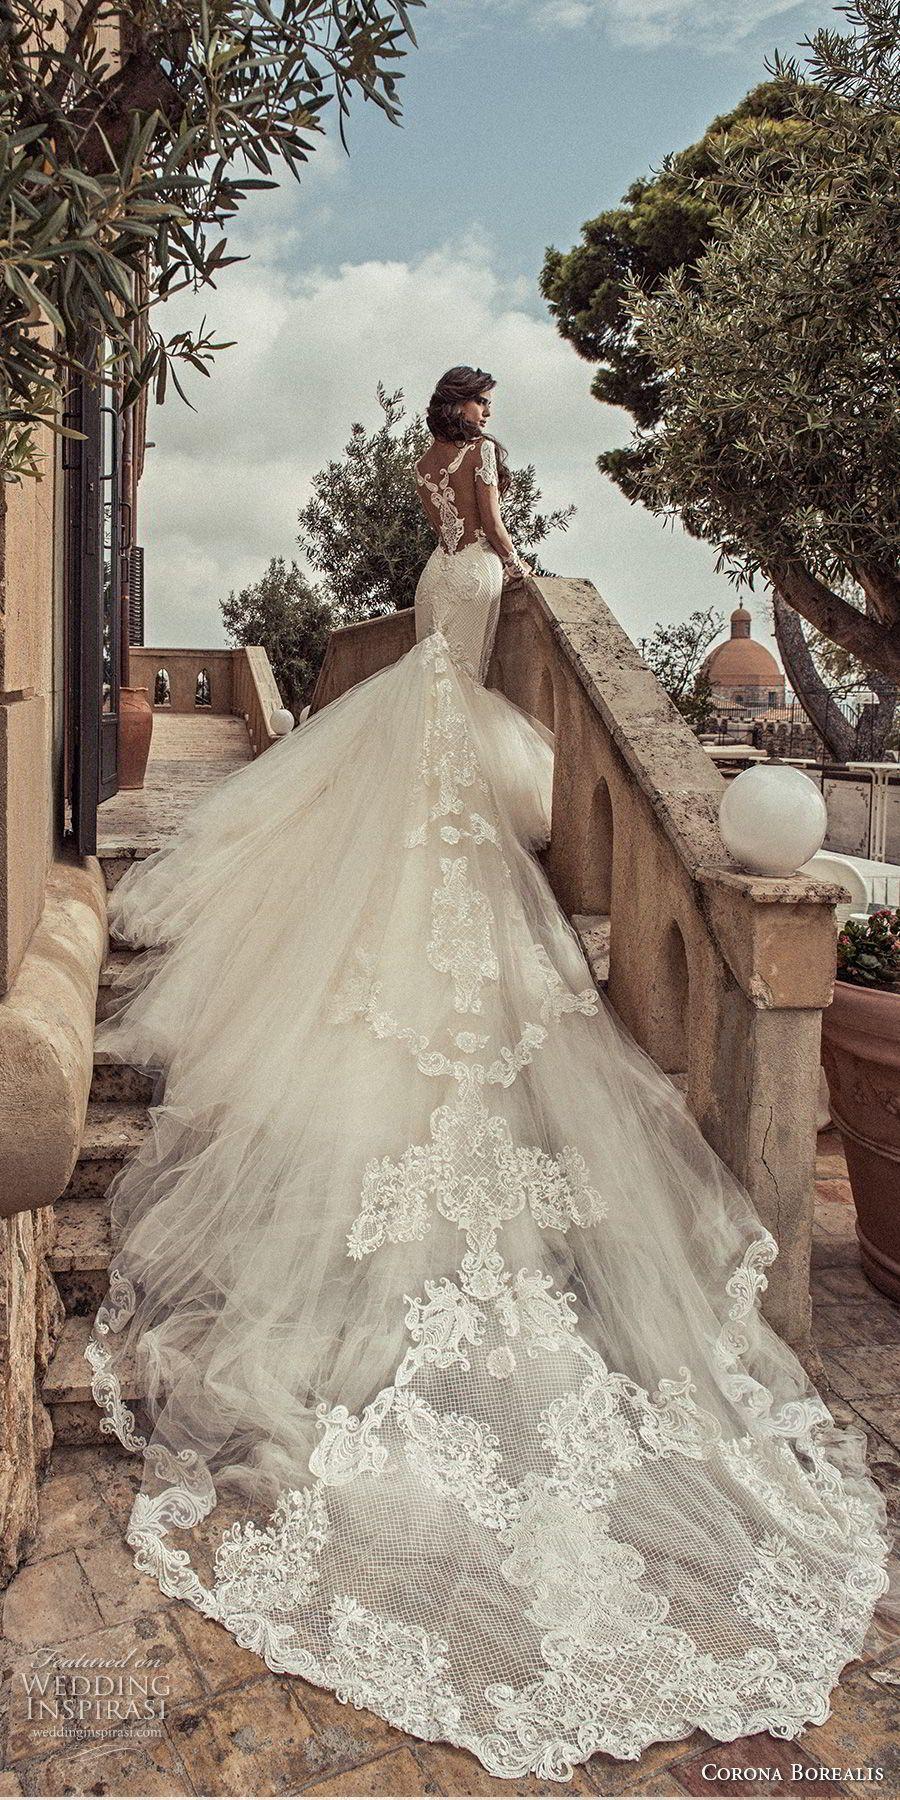 Abiti Da Sposa Tumblr.Wedding Inspirasi Tumblr Abito Da Nozze Abiti Da Sposa Abiti